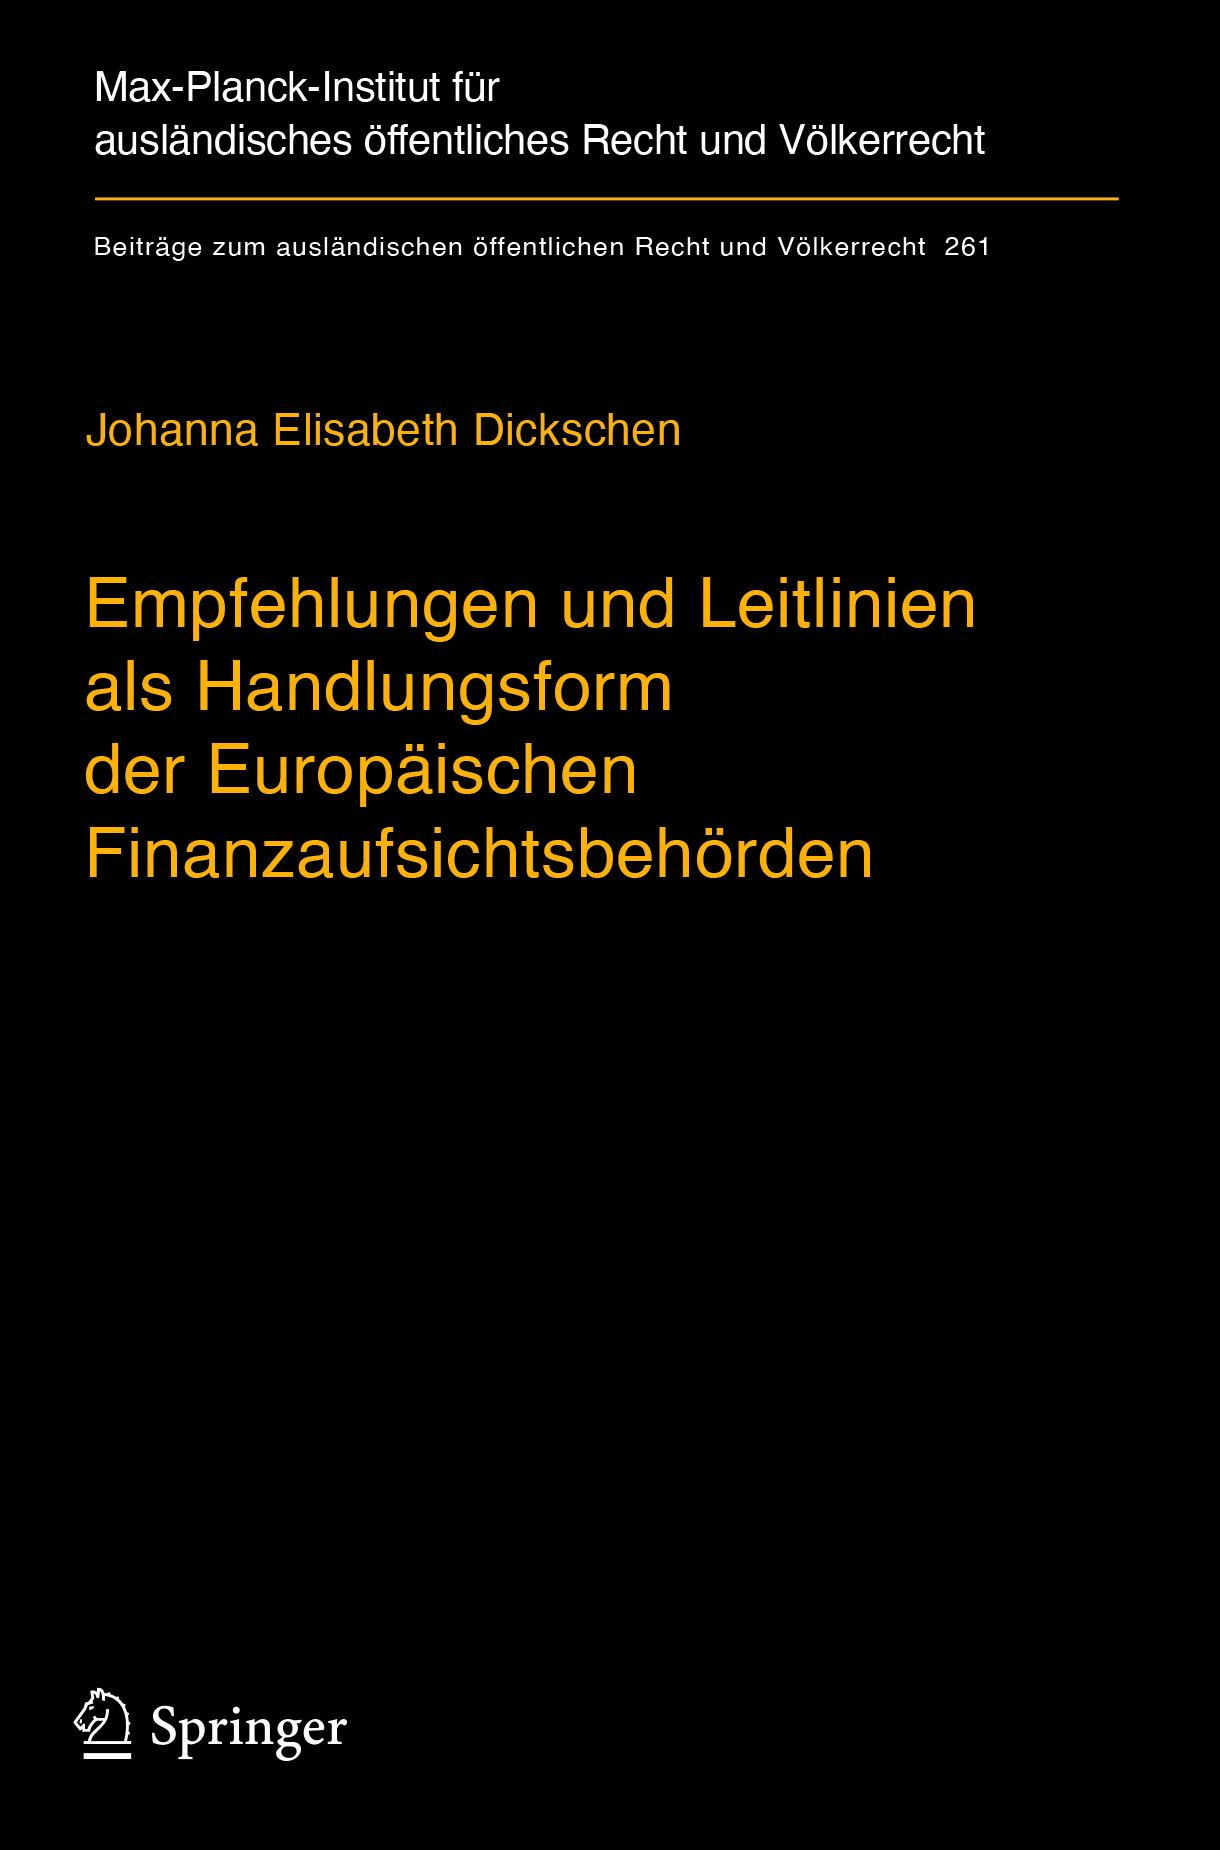 Dickschen, Johanna Elisabeth - Empfehlungen und Leitlinien als Handlungsform der Europäischen Finanzaufsichtsbehörden, ebook